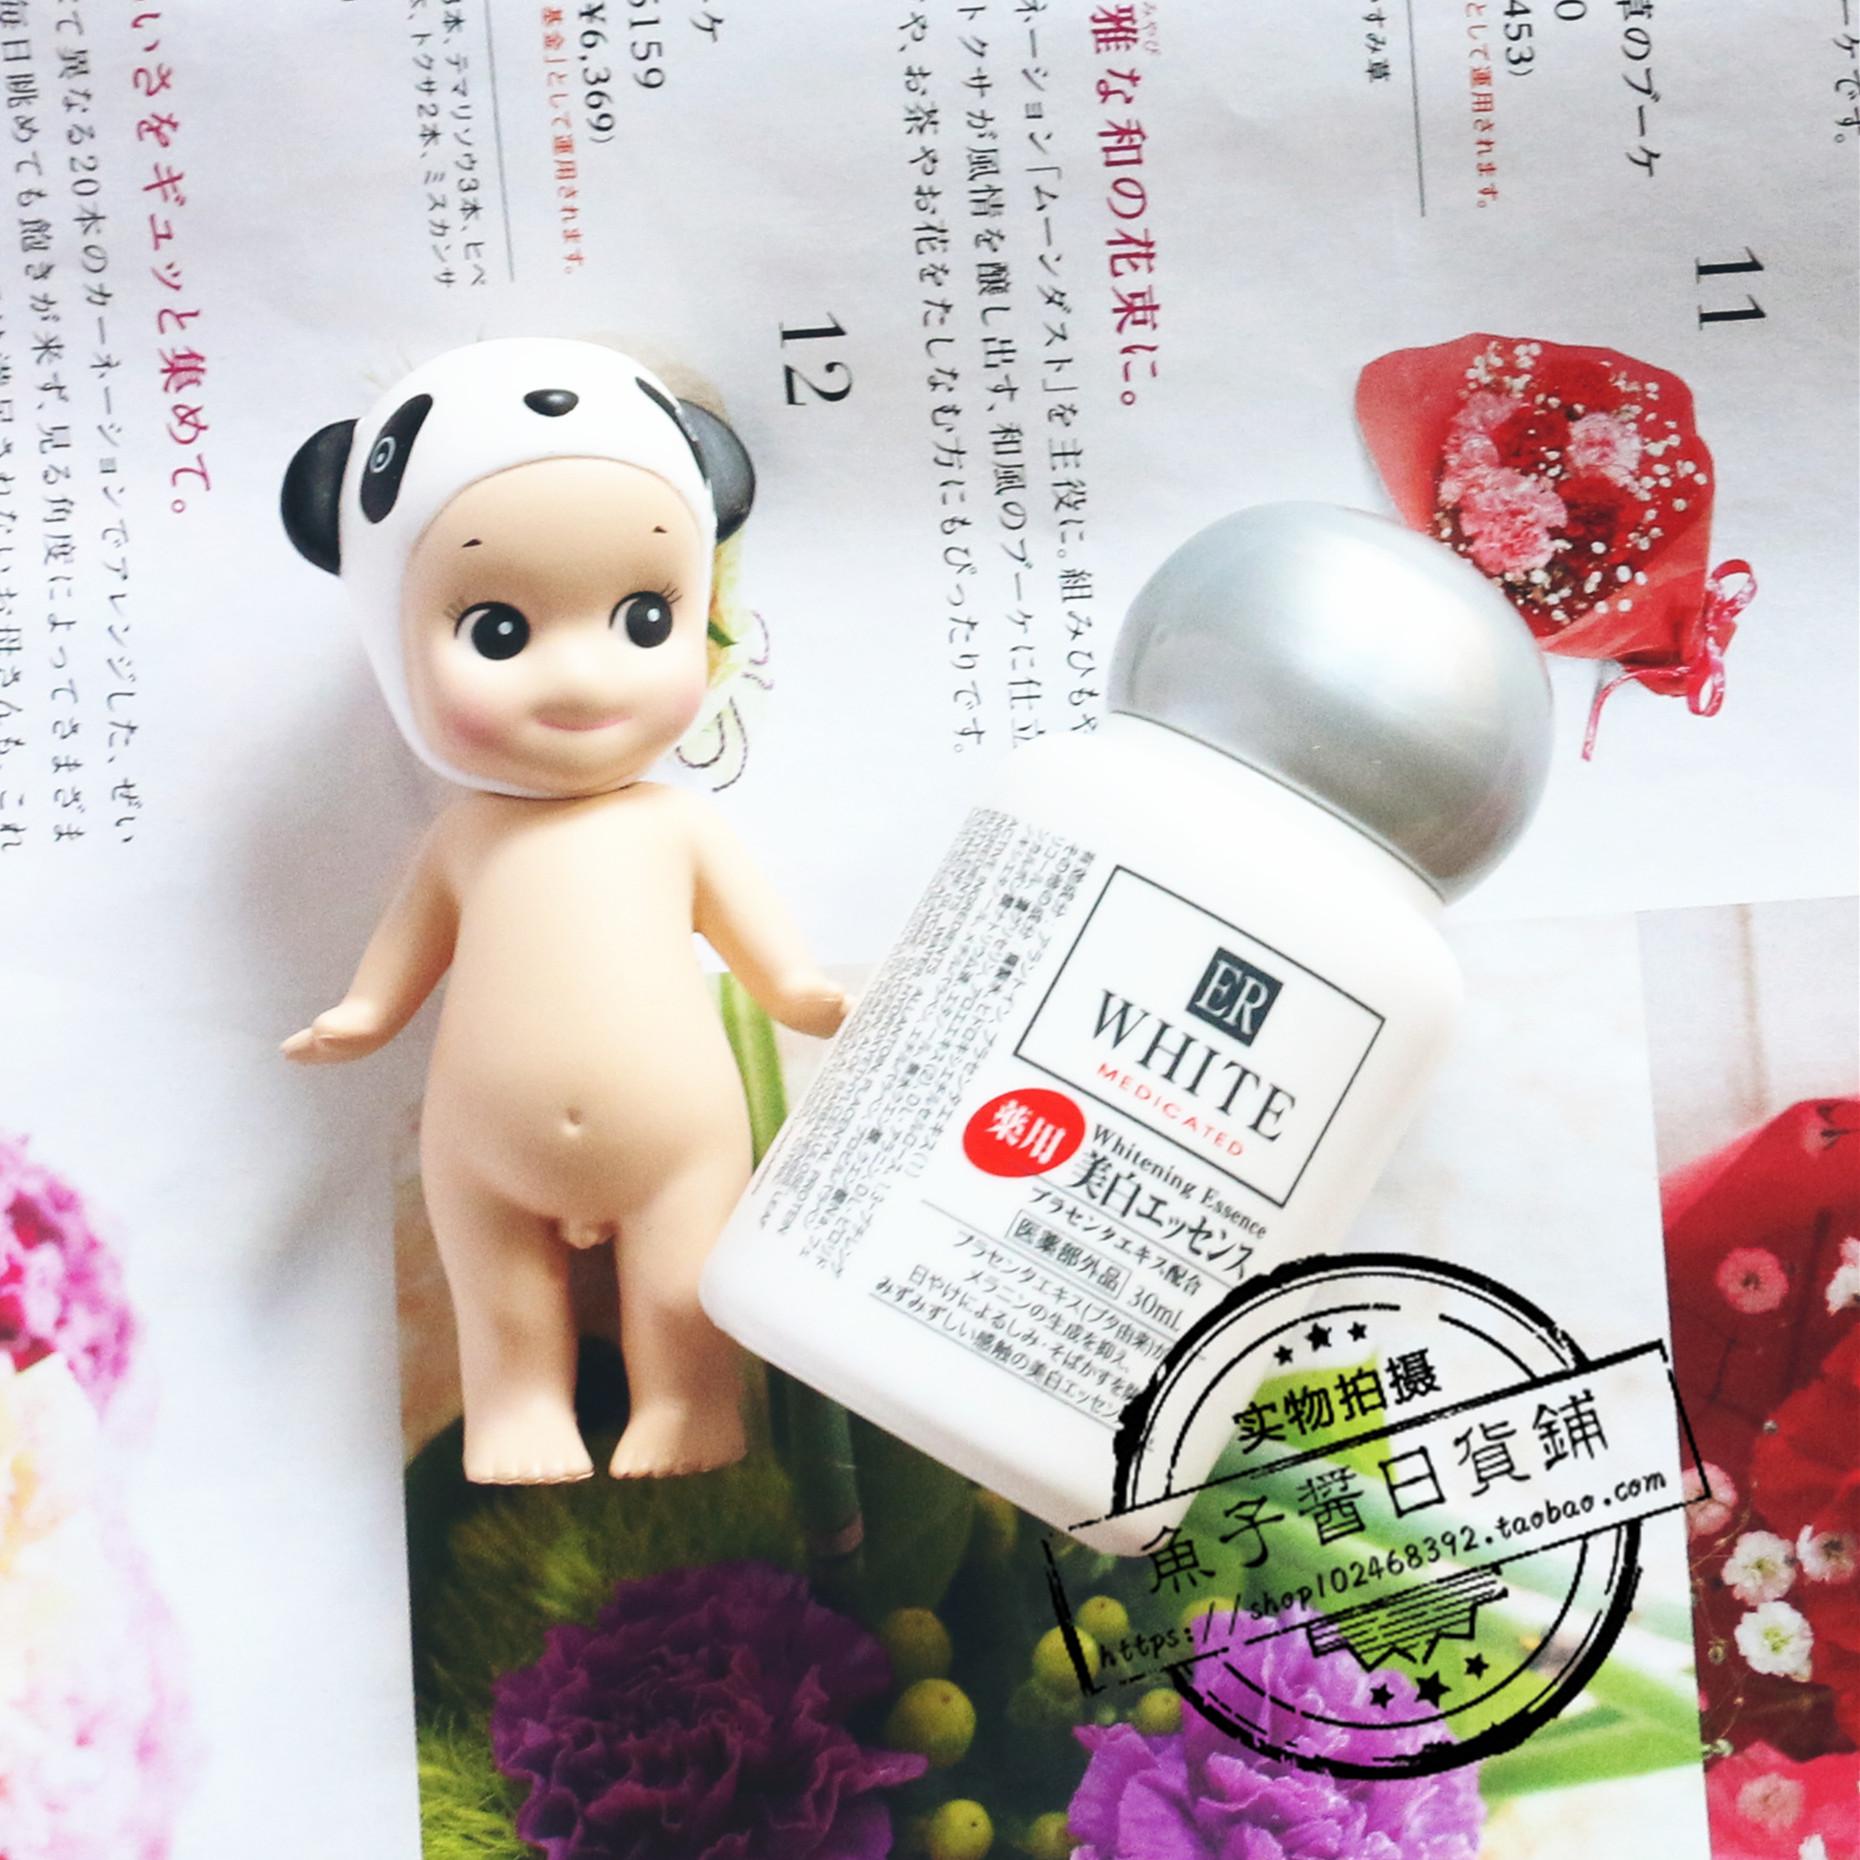 【現貨】日本平價DAISO大創ER胎盤素淡斑保溼補水 美白精華液